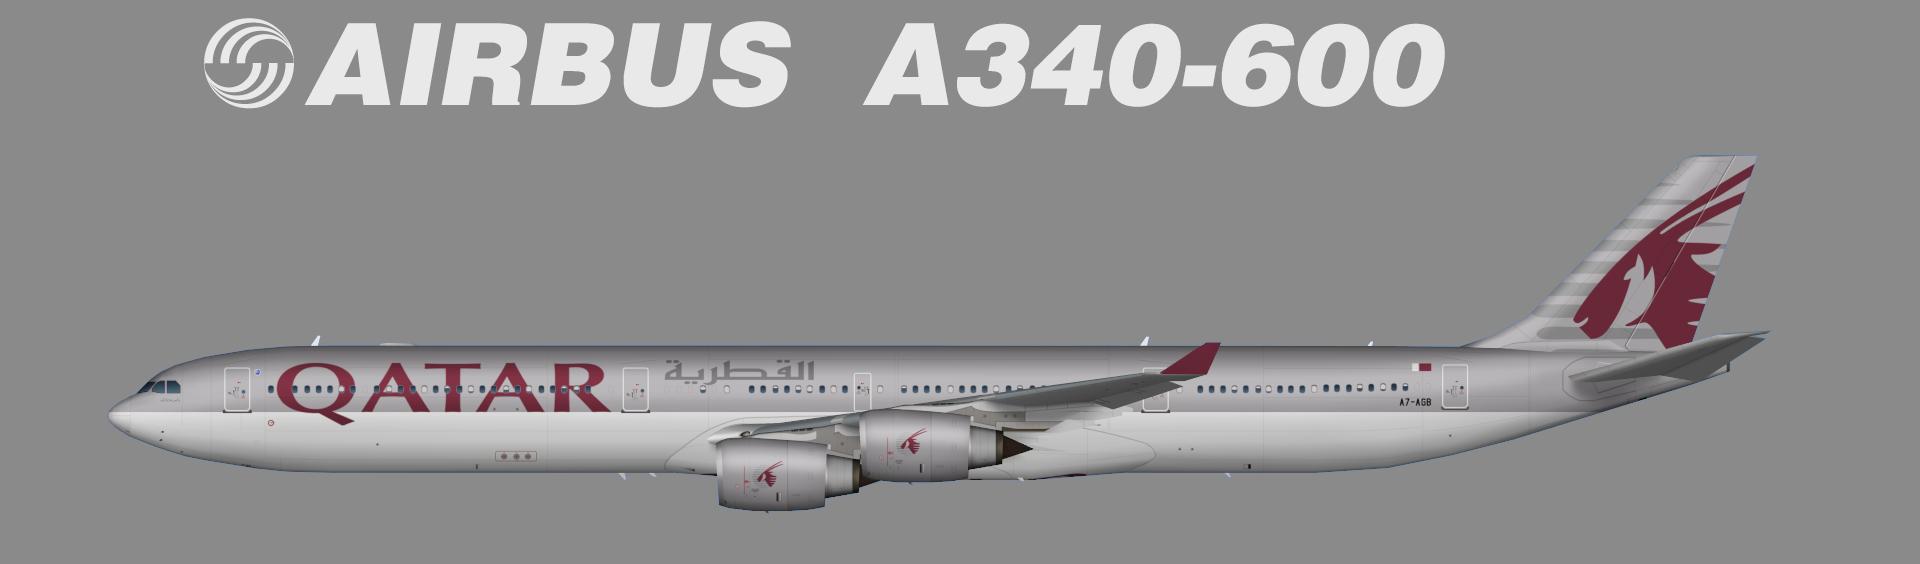 Airbus A340 600 Qatar Airways Juergen S Paint Hangar